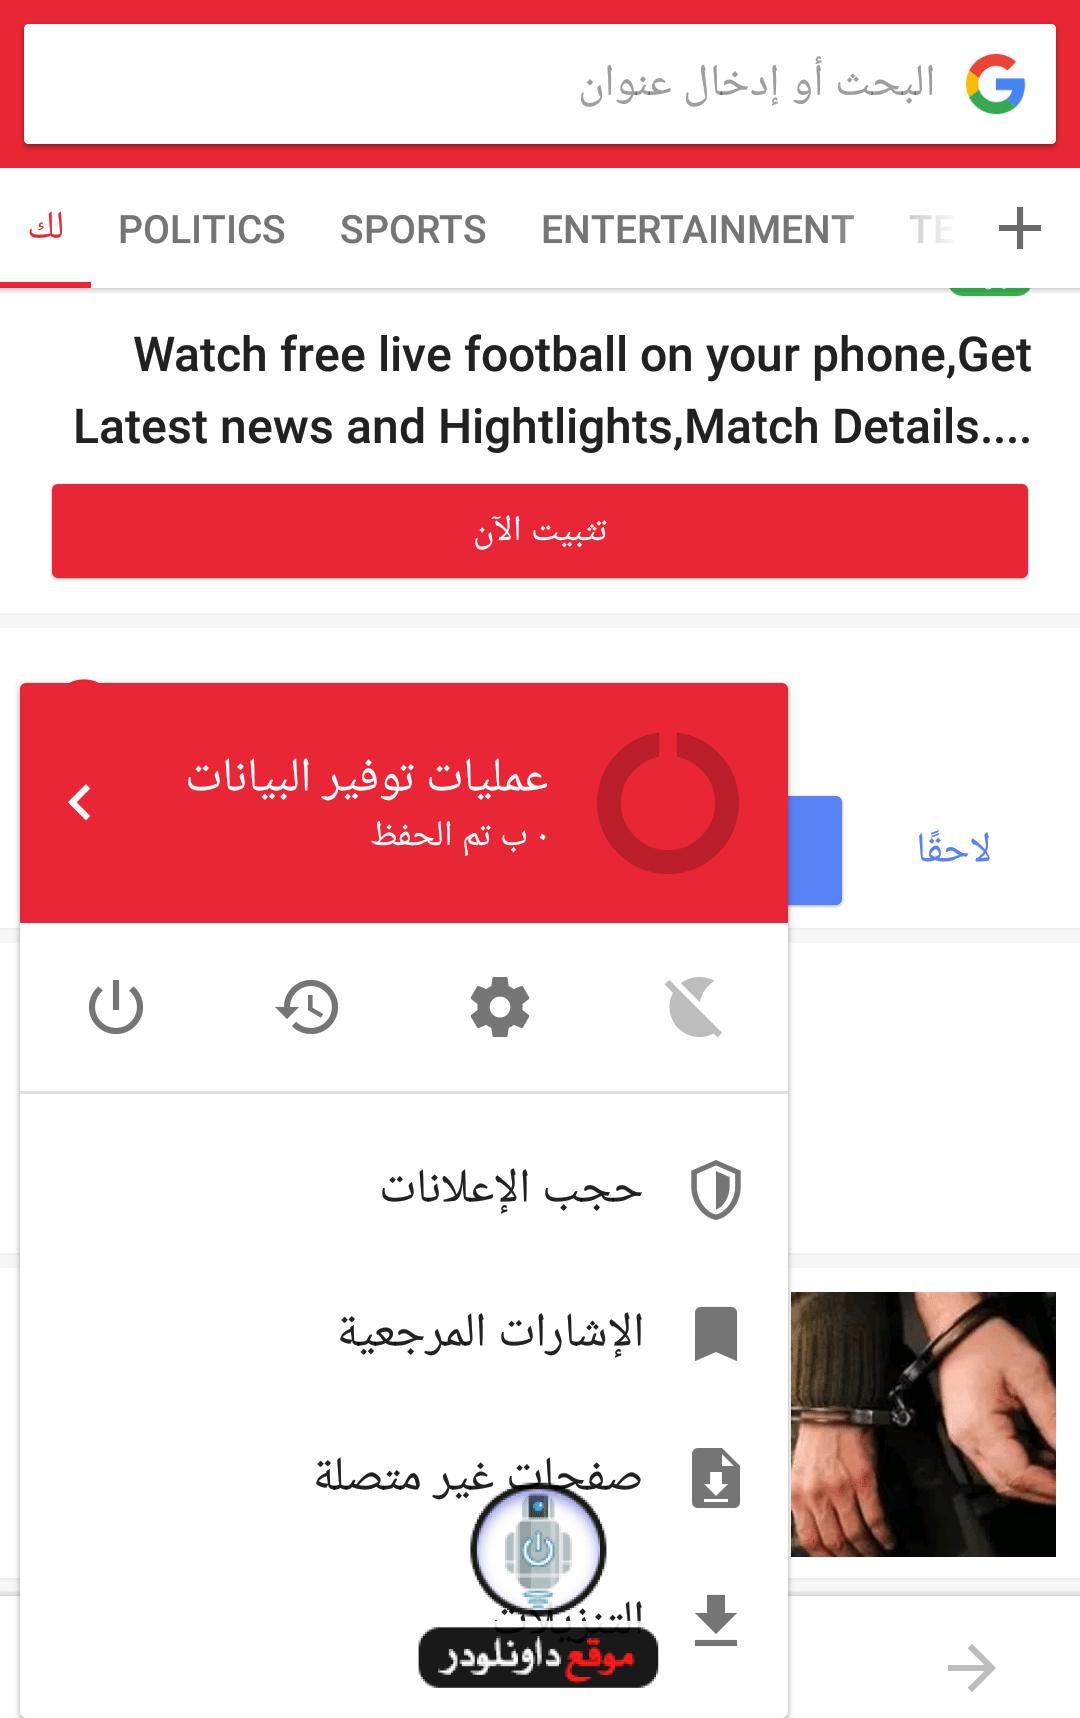 تحميل برنامج opera mobile store